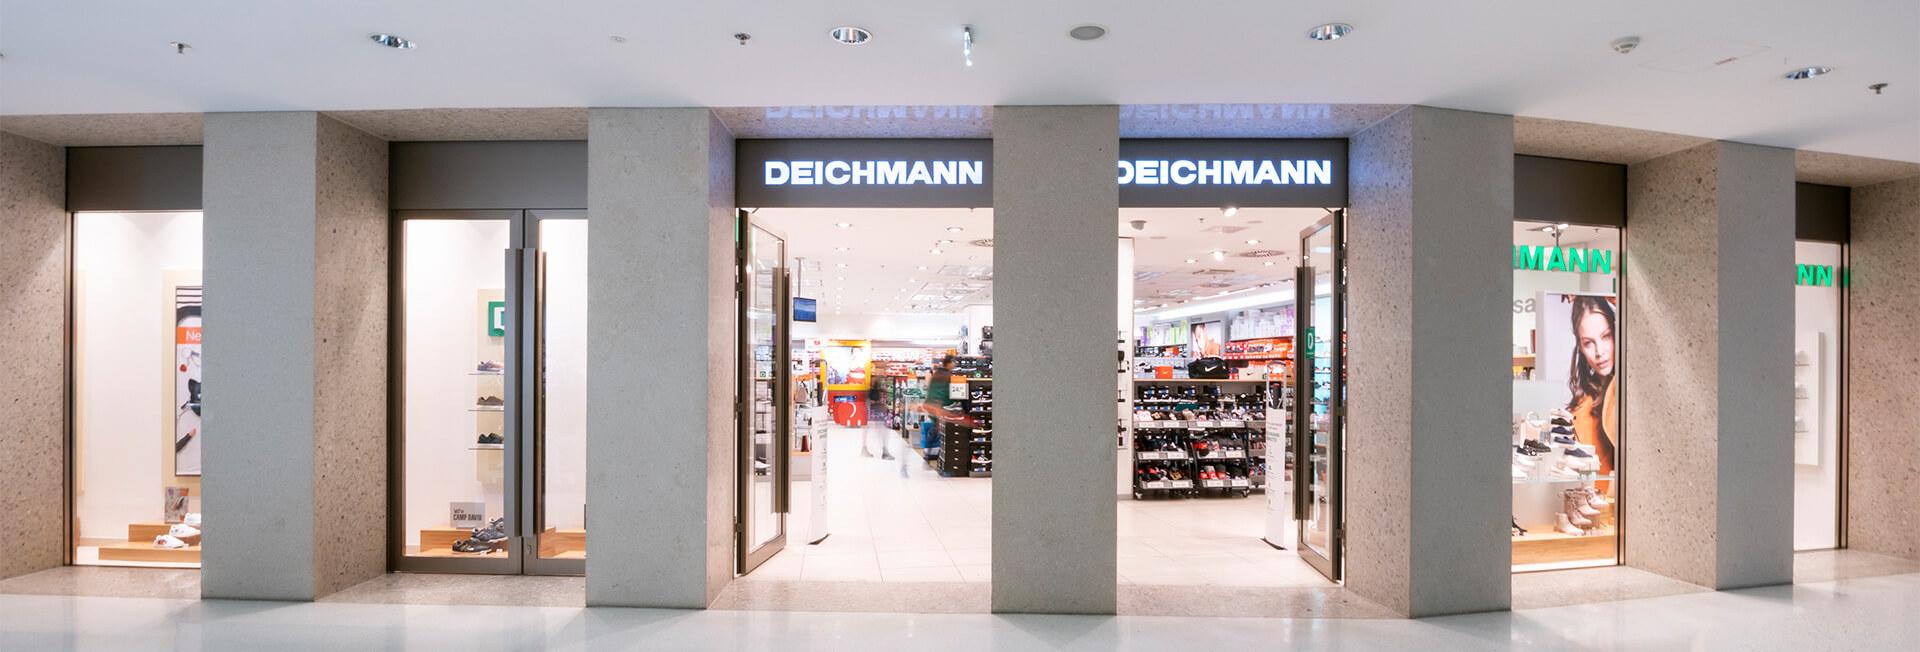 Deichmann im Kaufhaus Tyrol